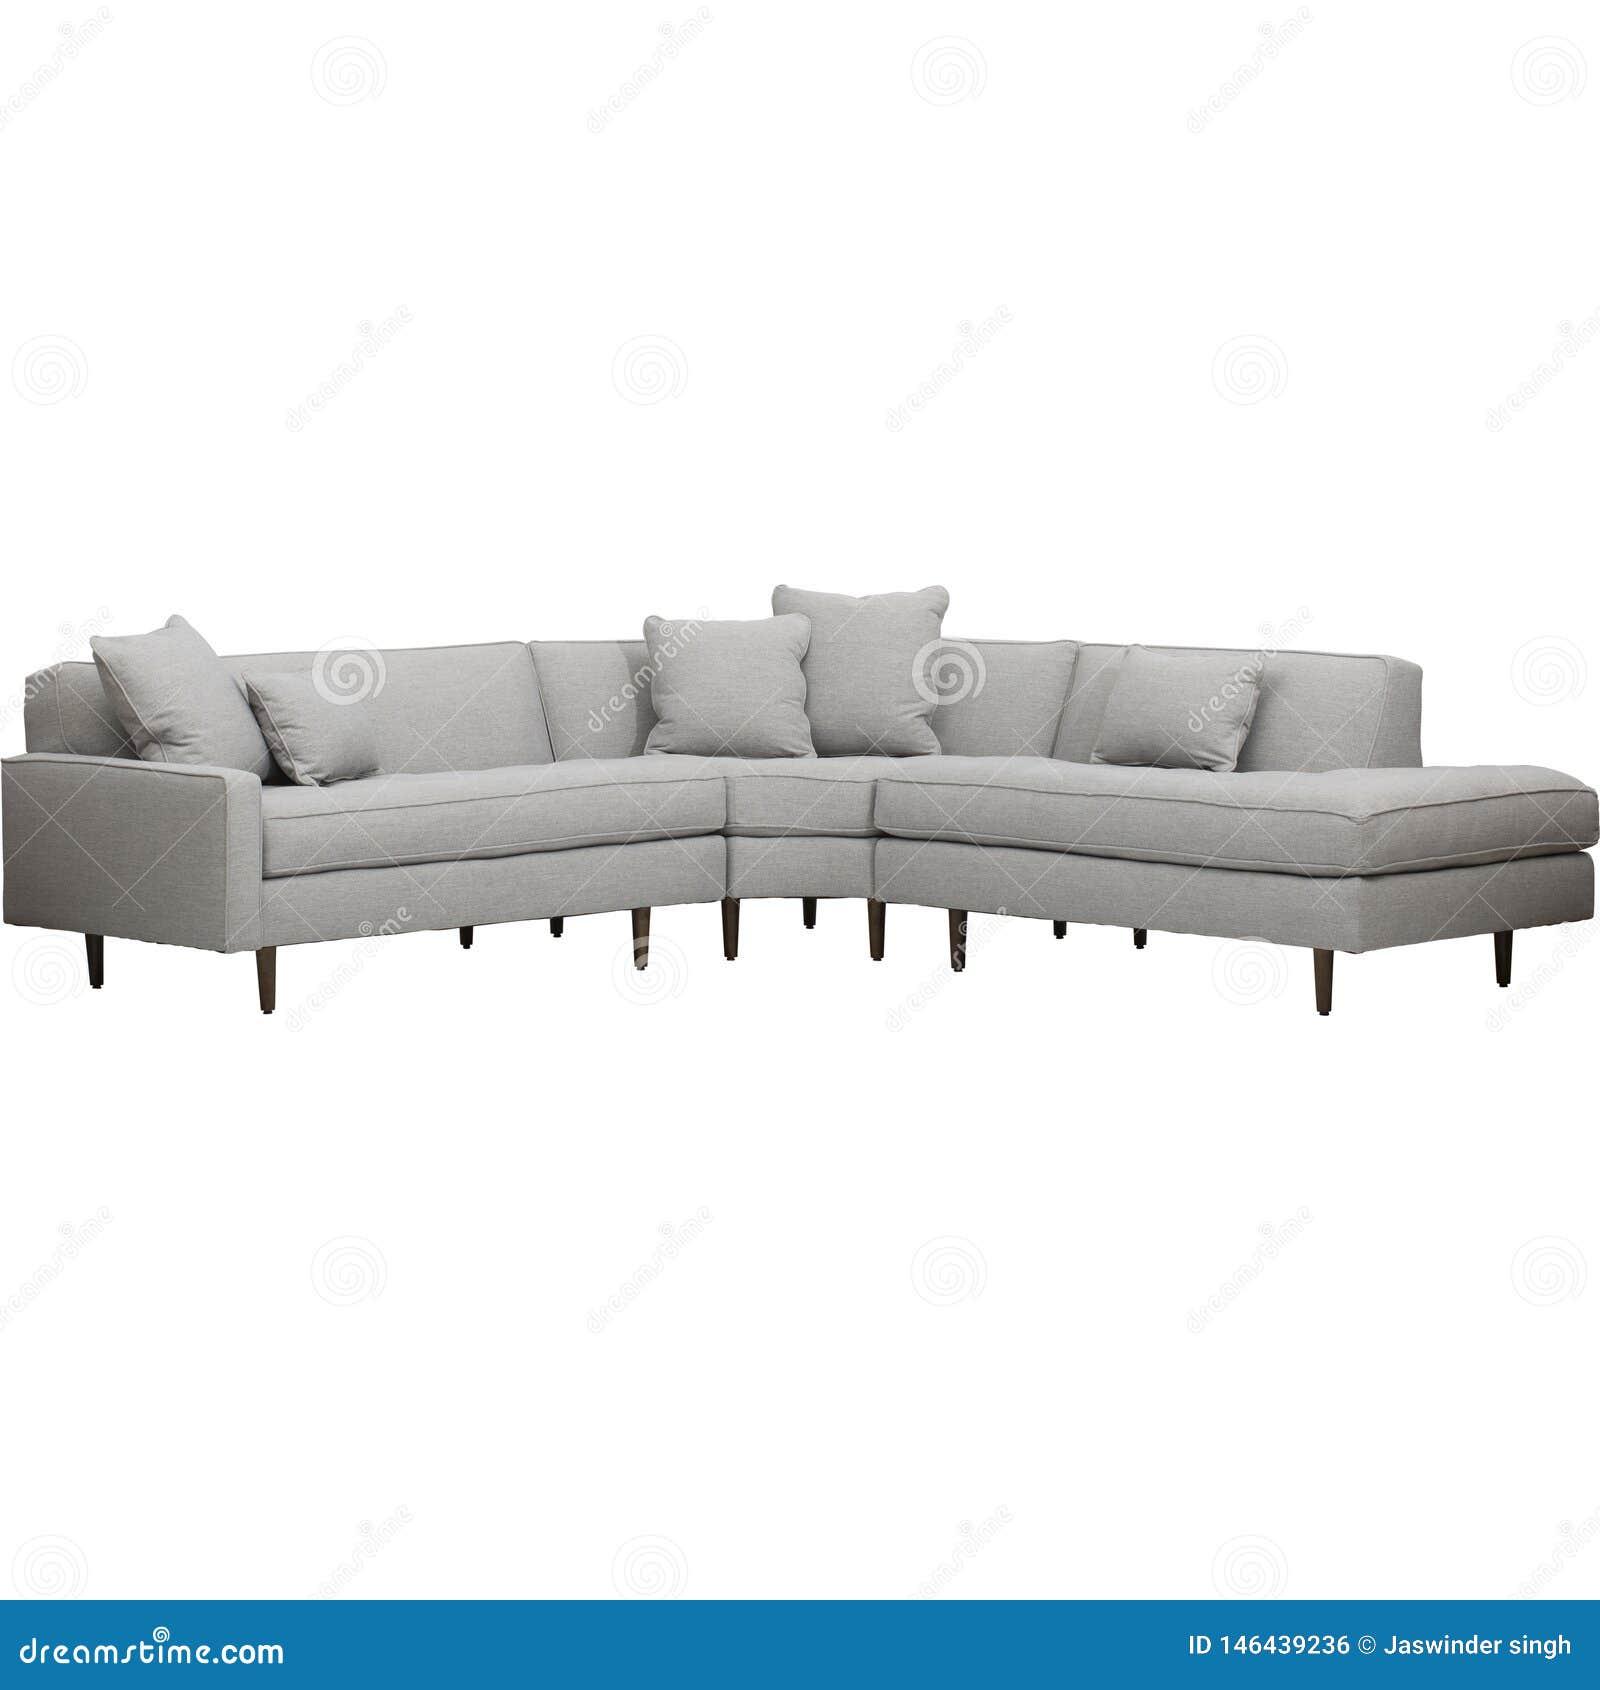 Nat?rliche Gr??e des Stuhls, erstaunliche Schnittcouches mit Recliners-Sofa Recliner And Chaise Lounge-Zwingen